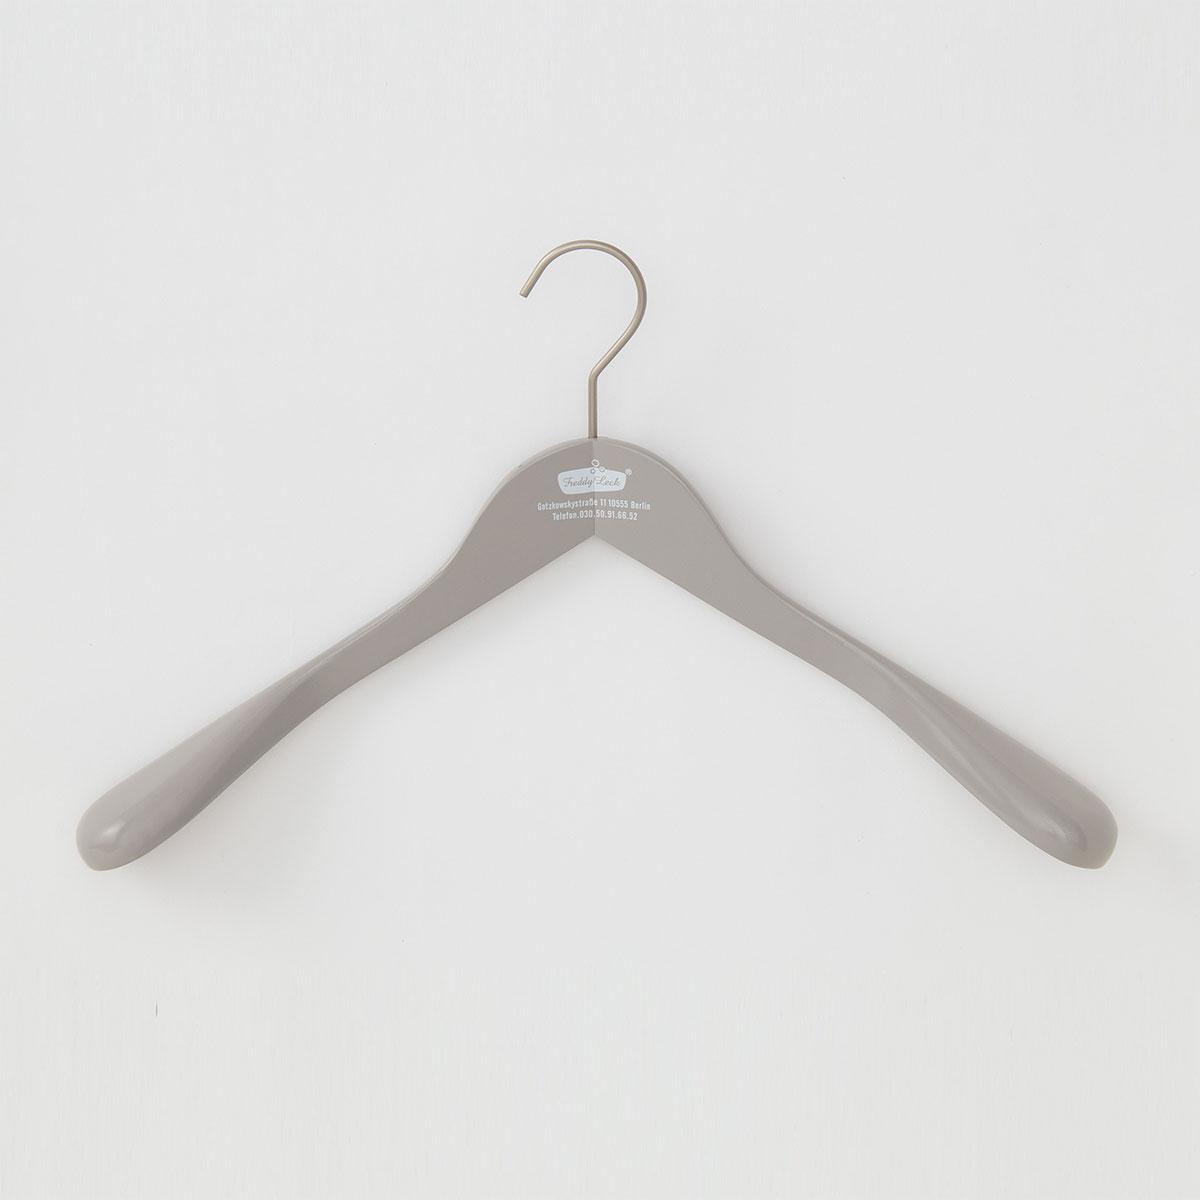 男性向けの大切な衣類用木製ハンガー。 適度な厚みとフラットな肩先が、型崩れを防ぎます。